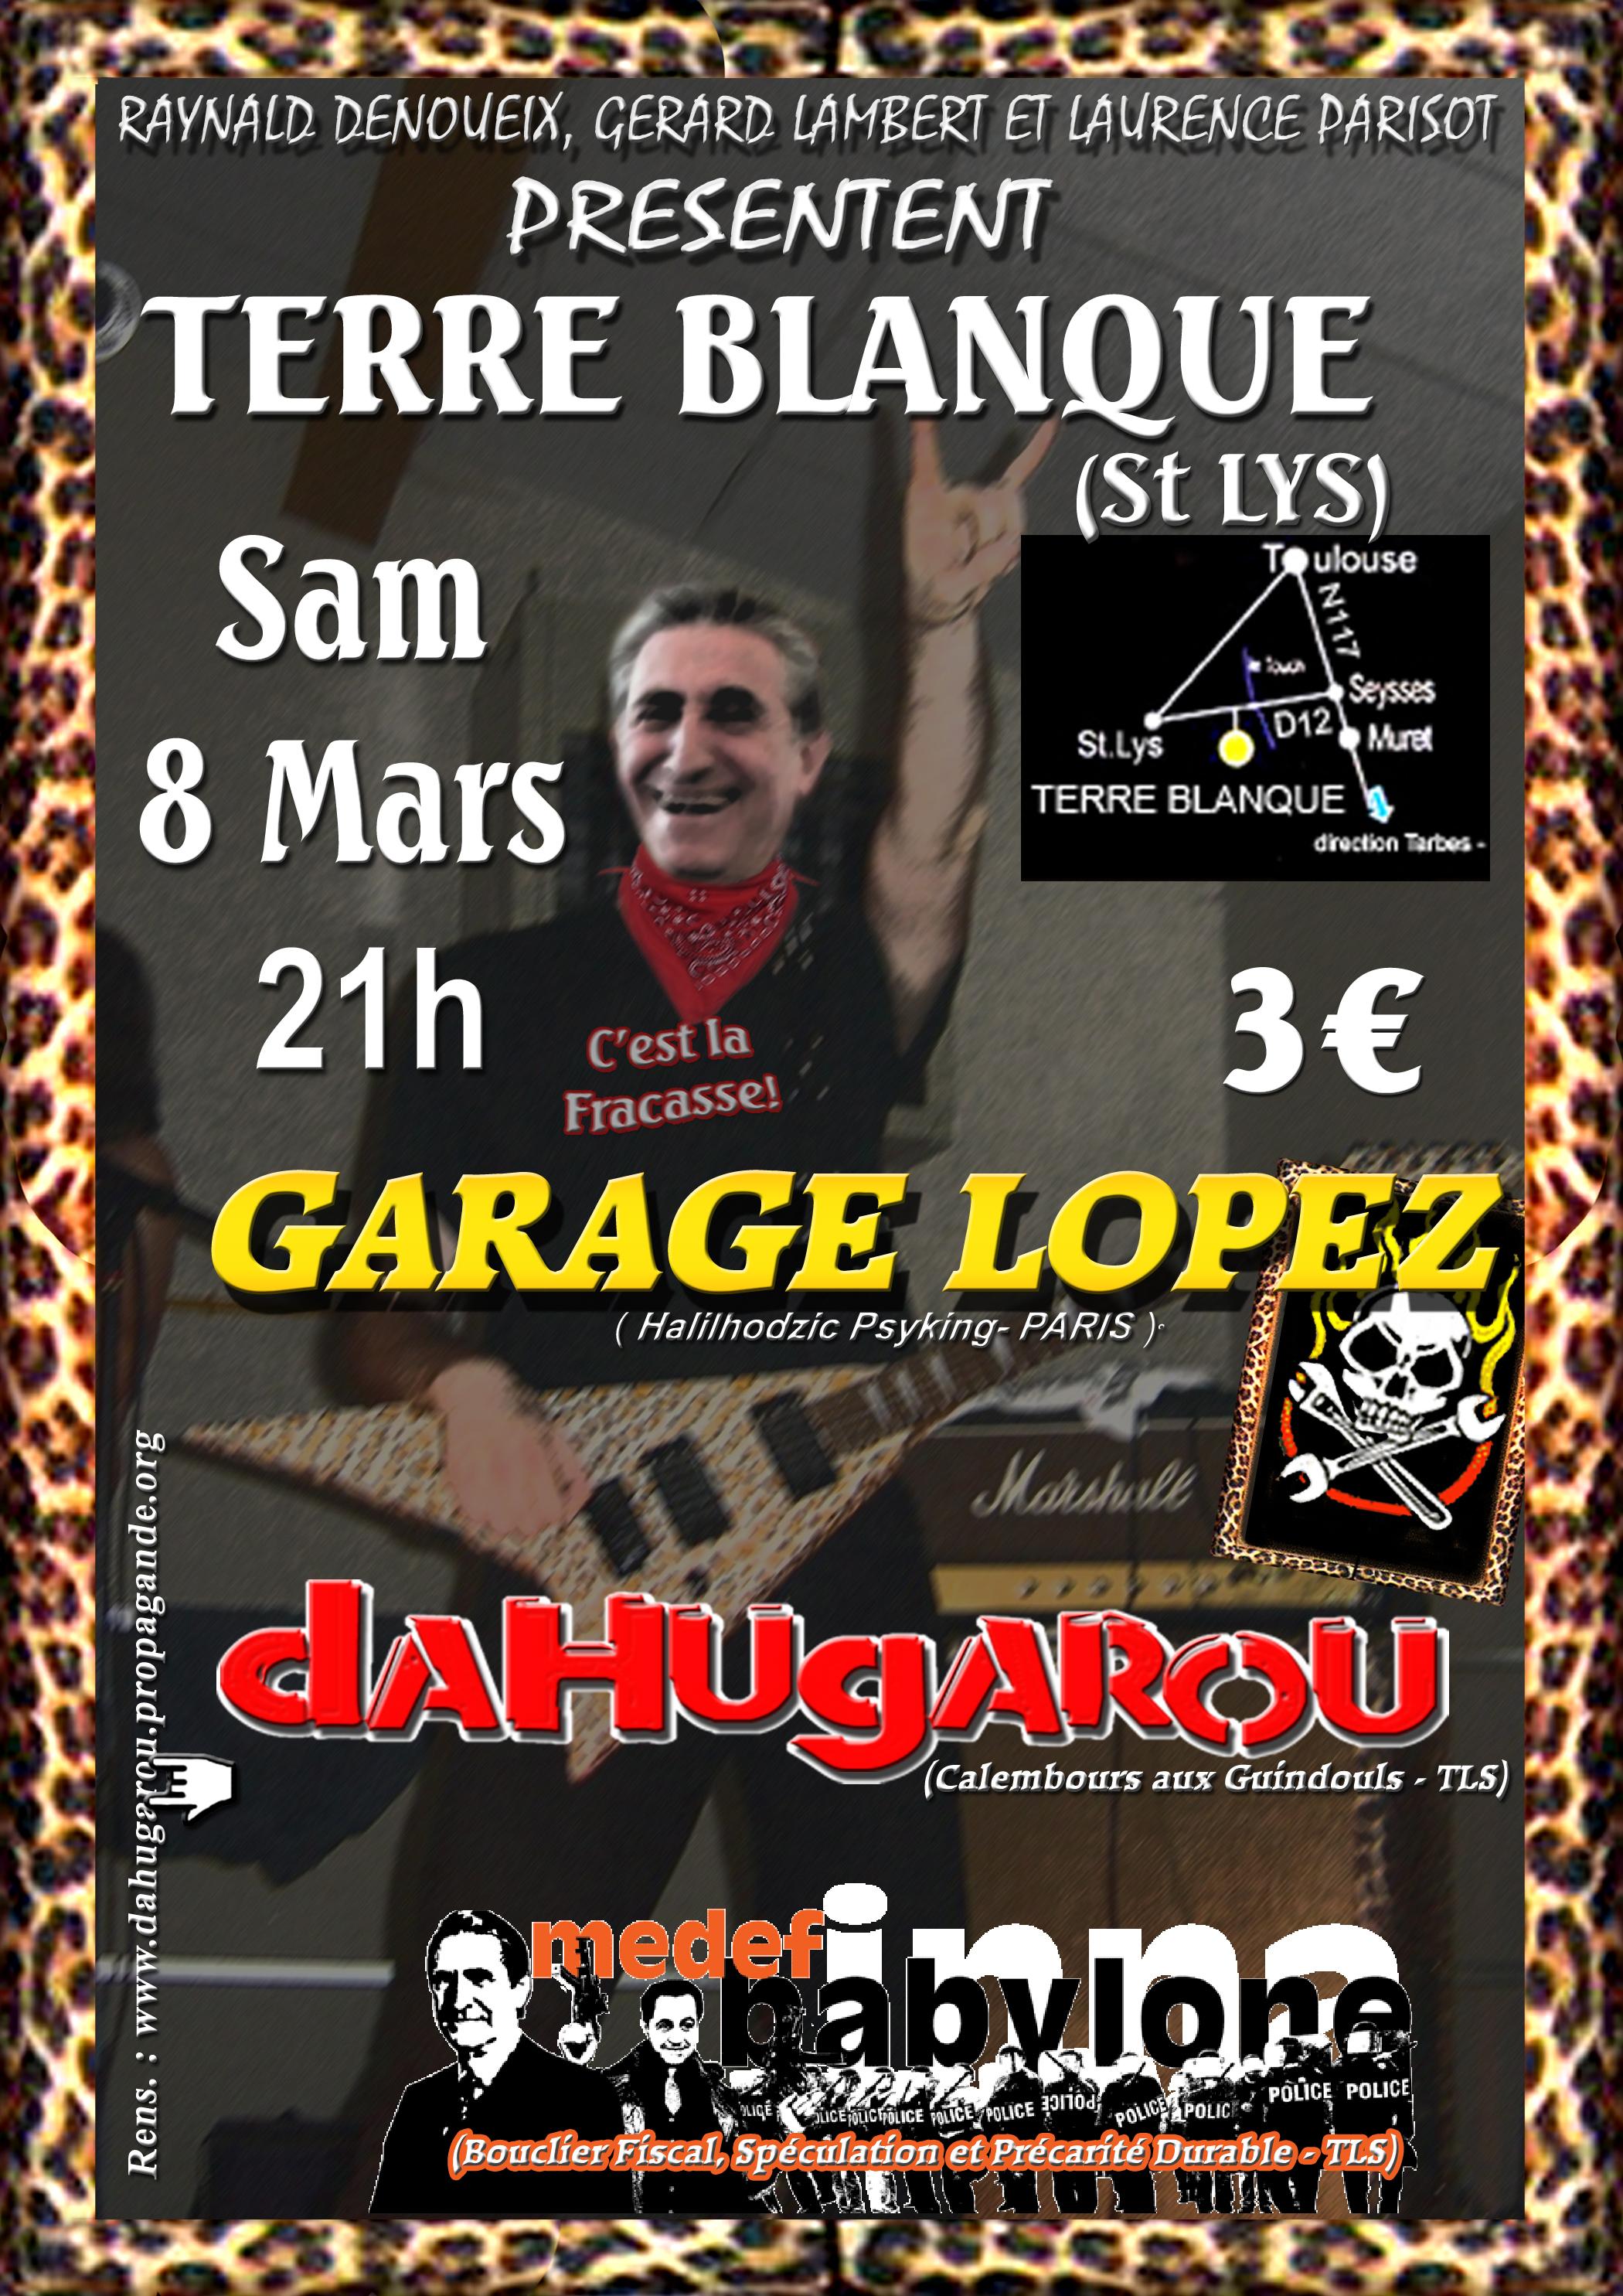 8 mars 2008 Garage Lopez, Dahu Garou, Medef Inna Babylone à Saint Lys - Terre Blanque